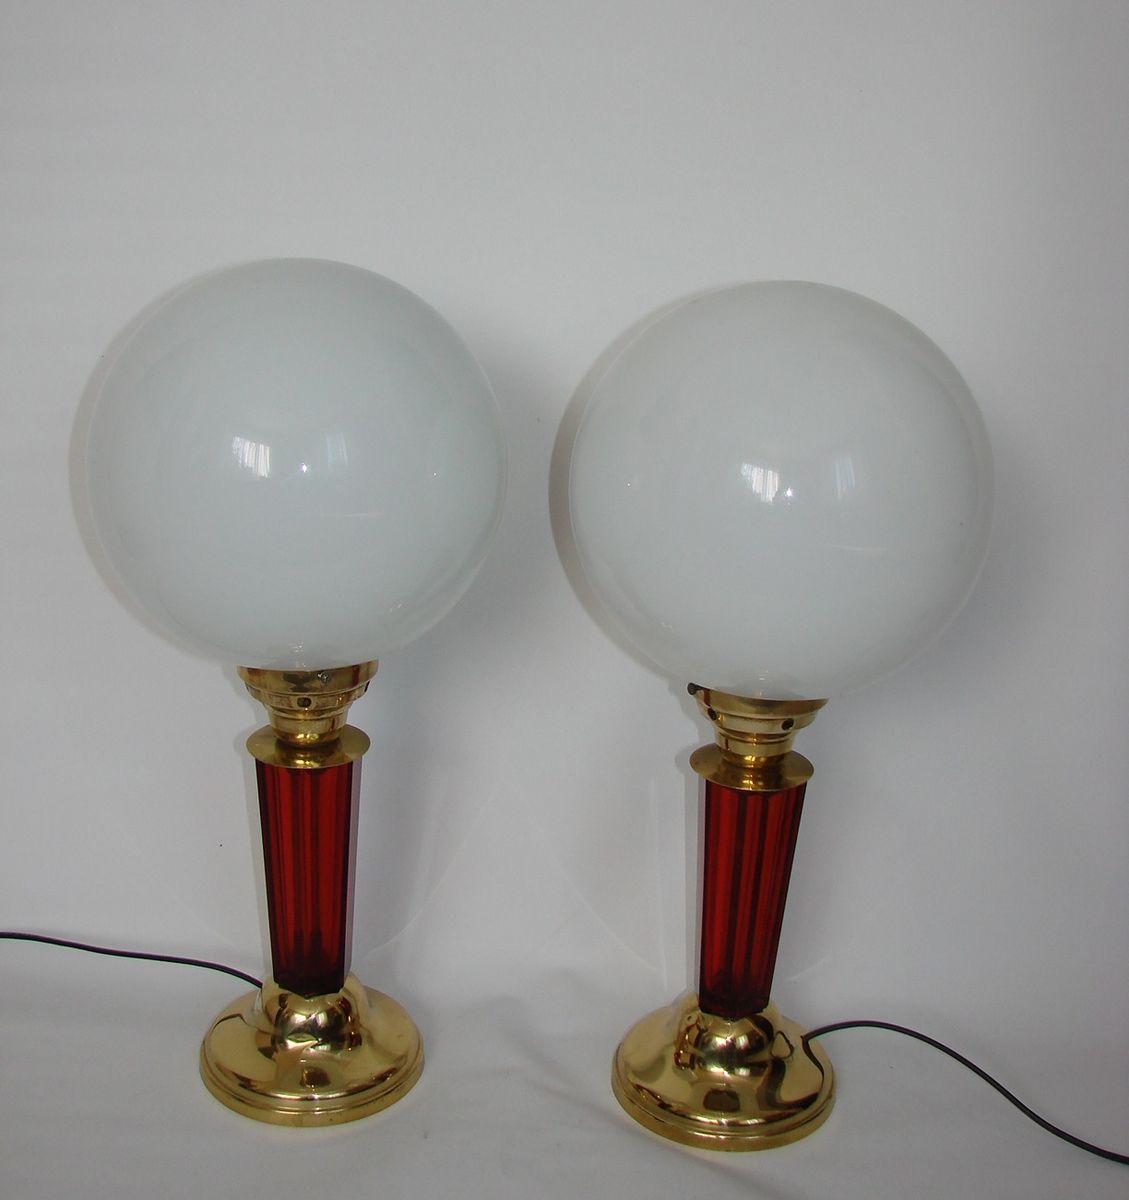 Einbau Led Spots 230v Dimmbare Einbaustrahler Pendel Lampe